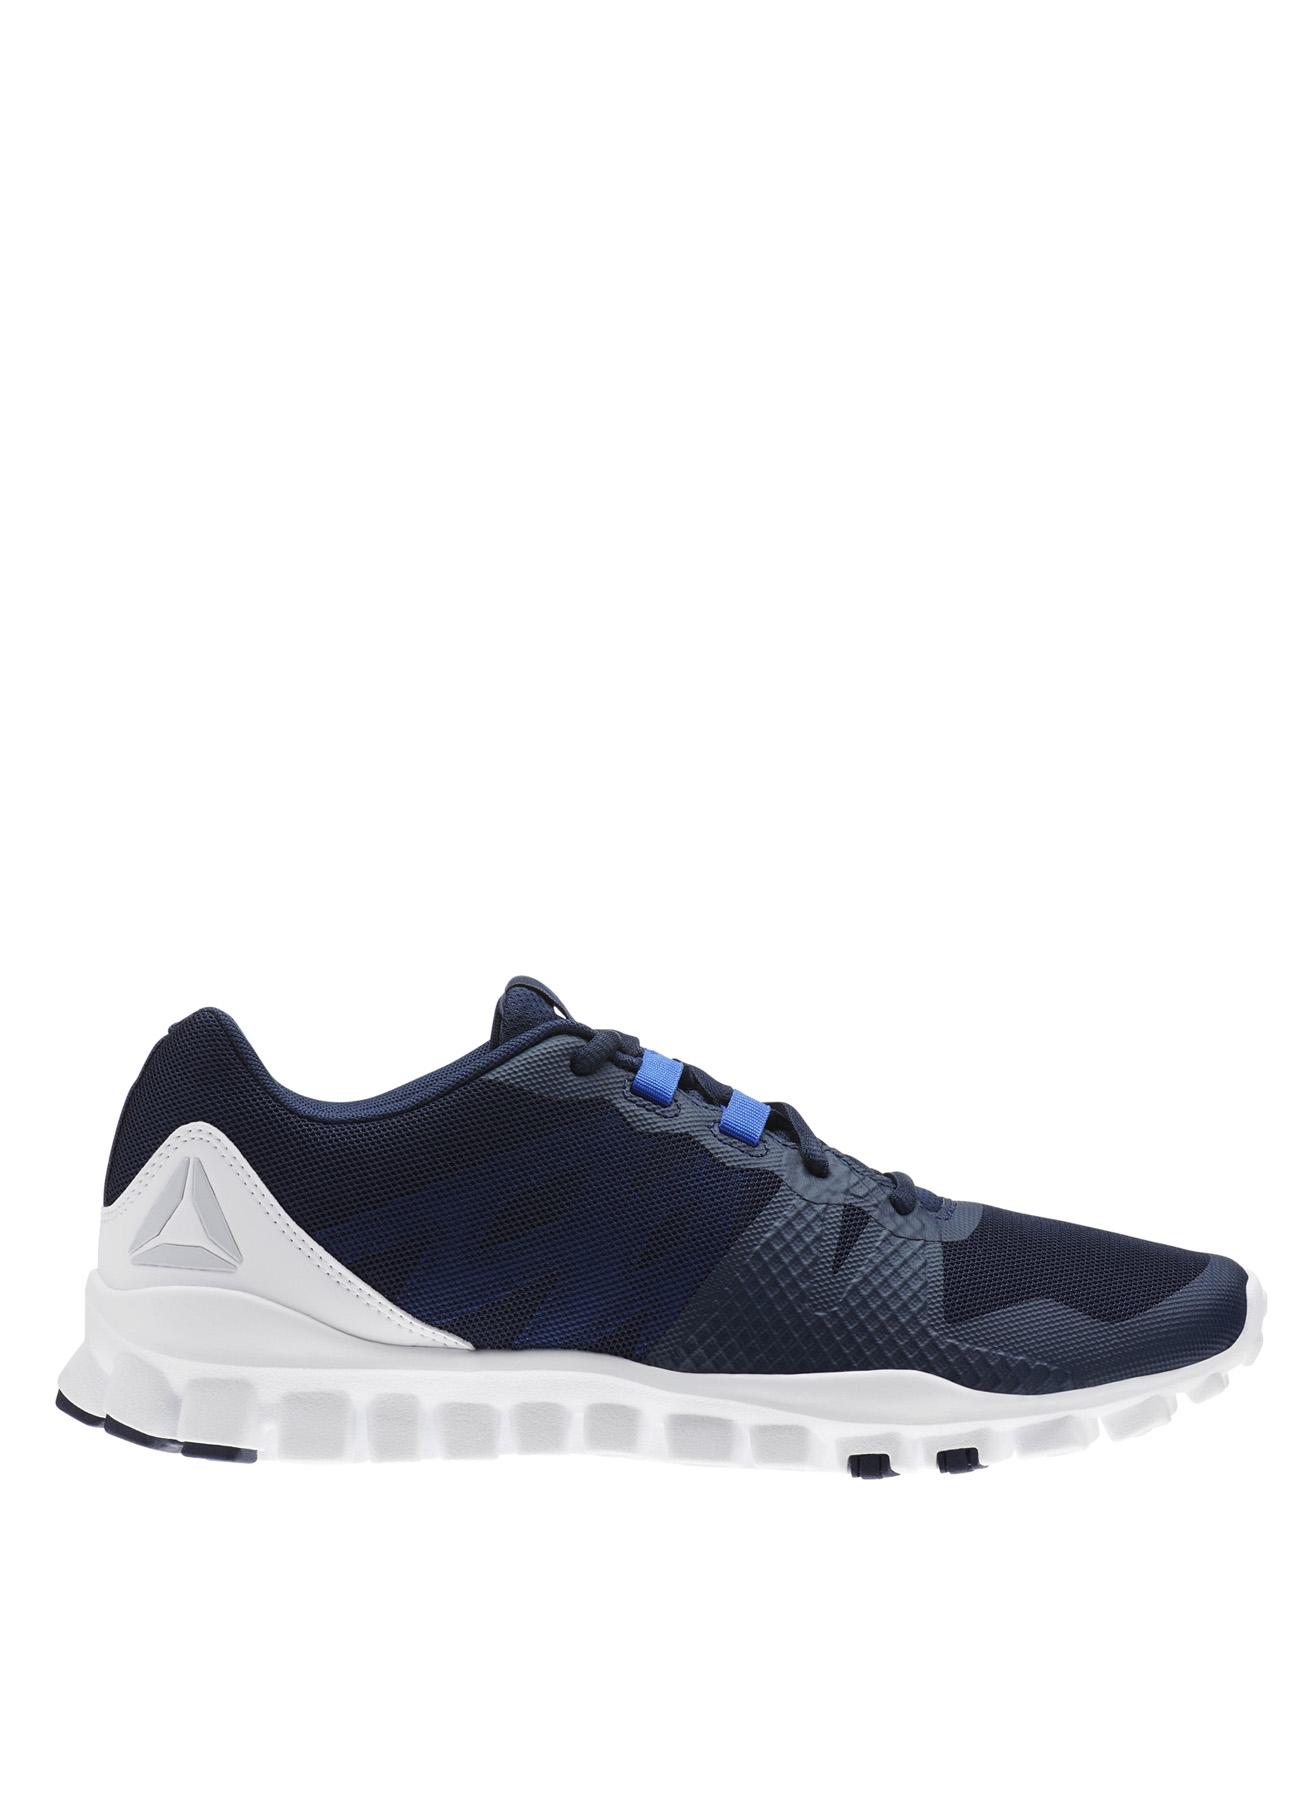 Reebok Realflex Train 5.0 Training Ayakkabısı 44 5001633189007 Ürün Resmi